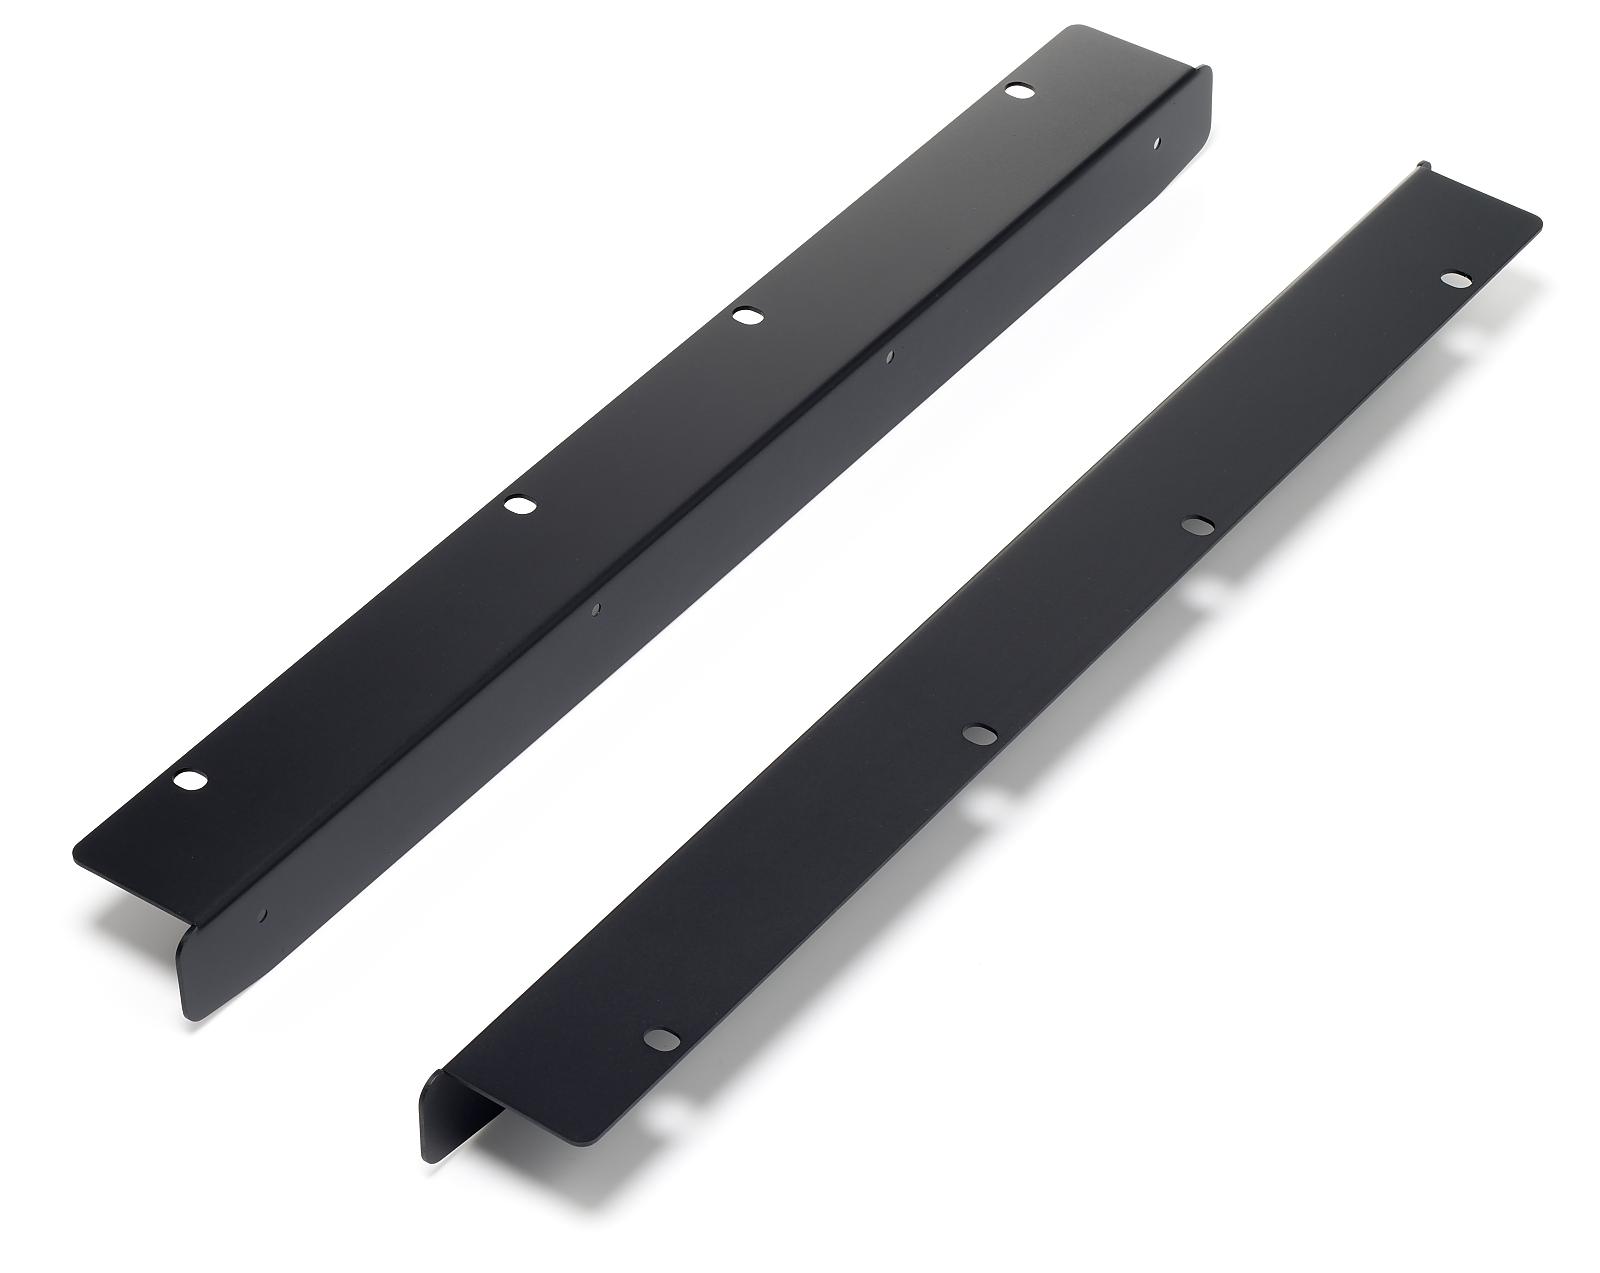 Tascam Rack Mount Kit Model 16